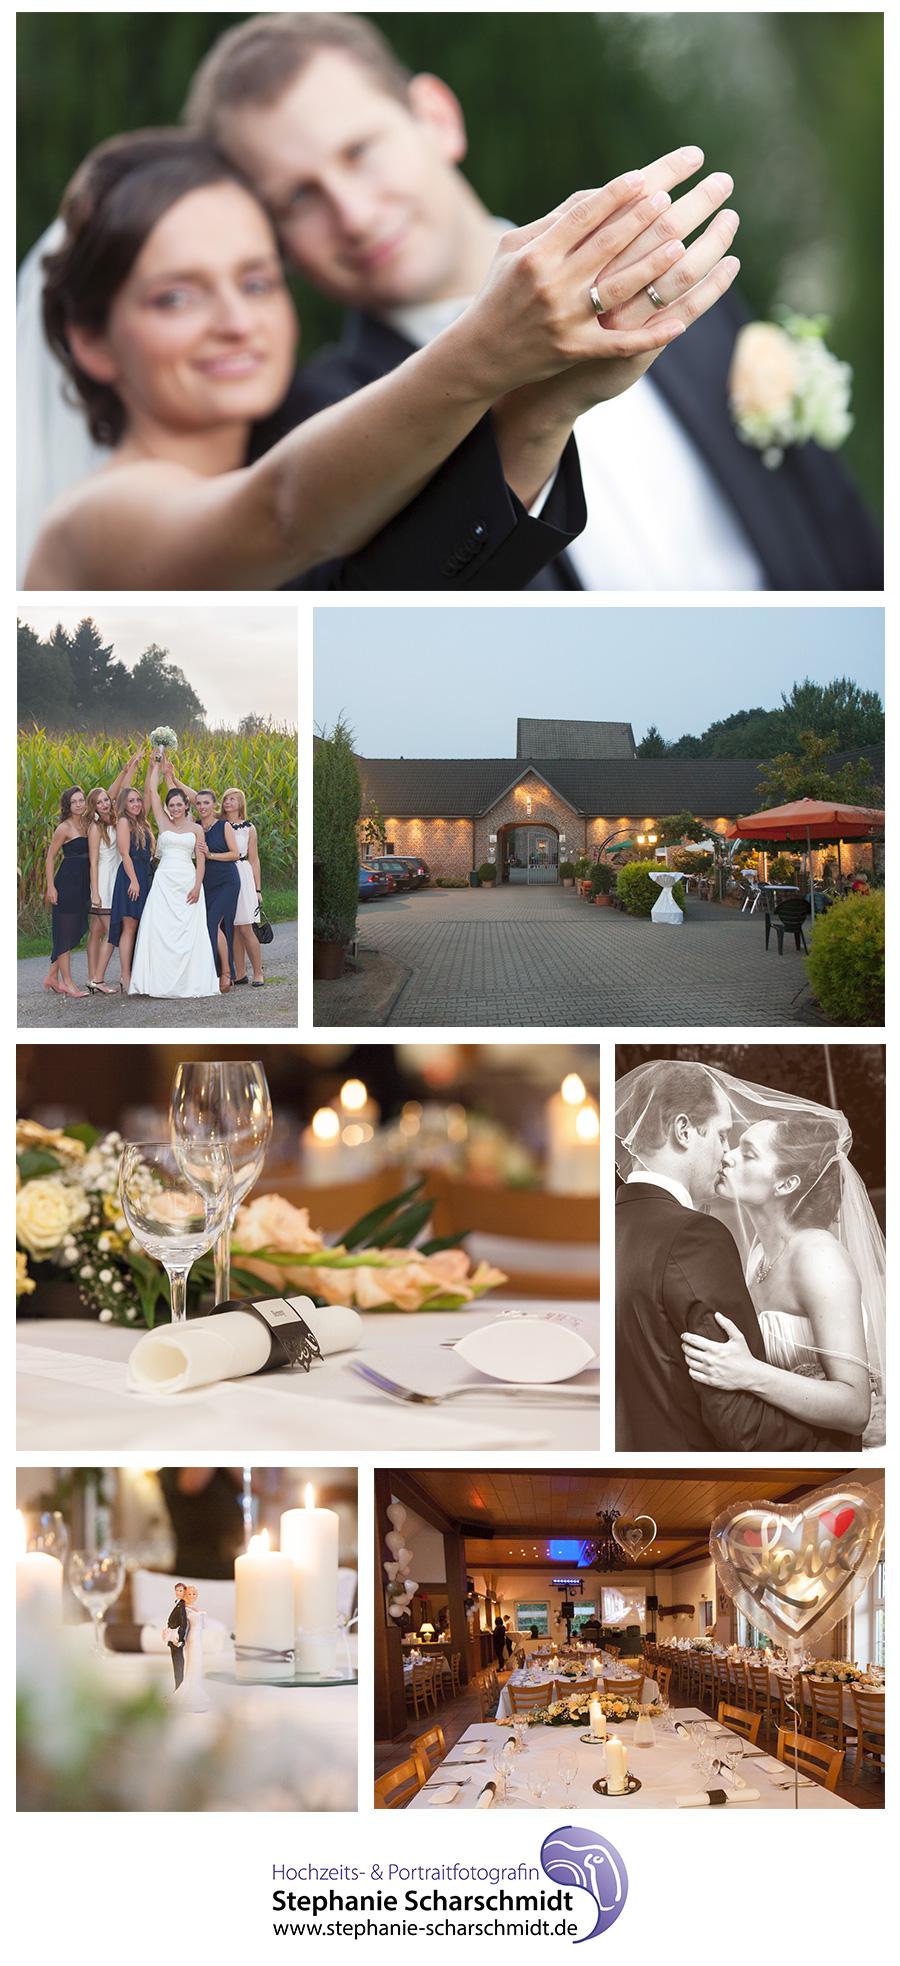 Hochzeitsfotograf Nettetal - Haus Milbeck in Lobberich - Hochzeitsfotografin Stephanie Scharschmidt